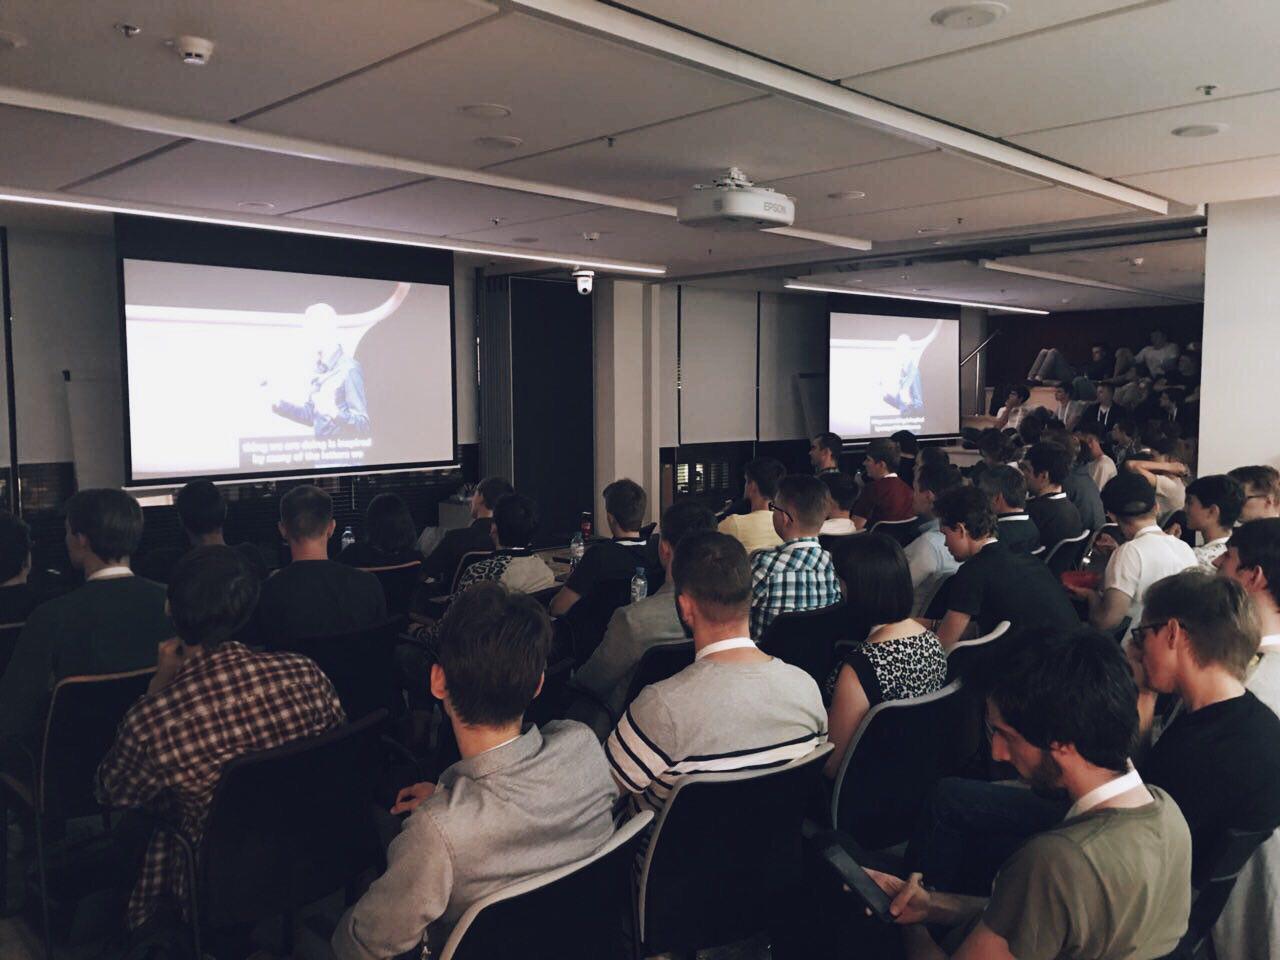 Экспресс Москва — Сан-Хосе: совместный просмотр WWDC 2018 в офисе Авито 4 июня - 2